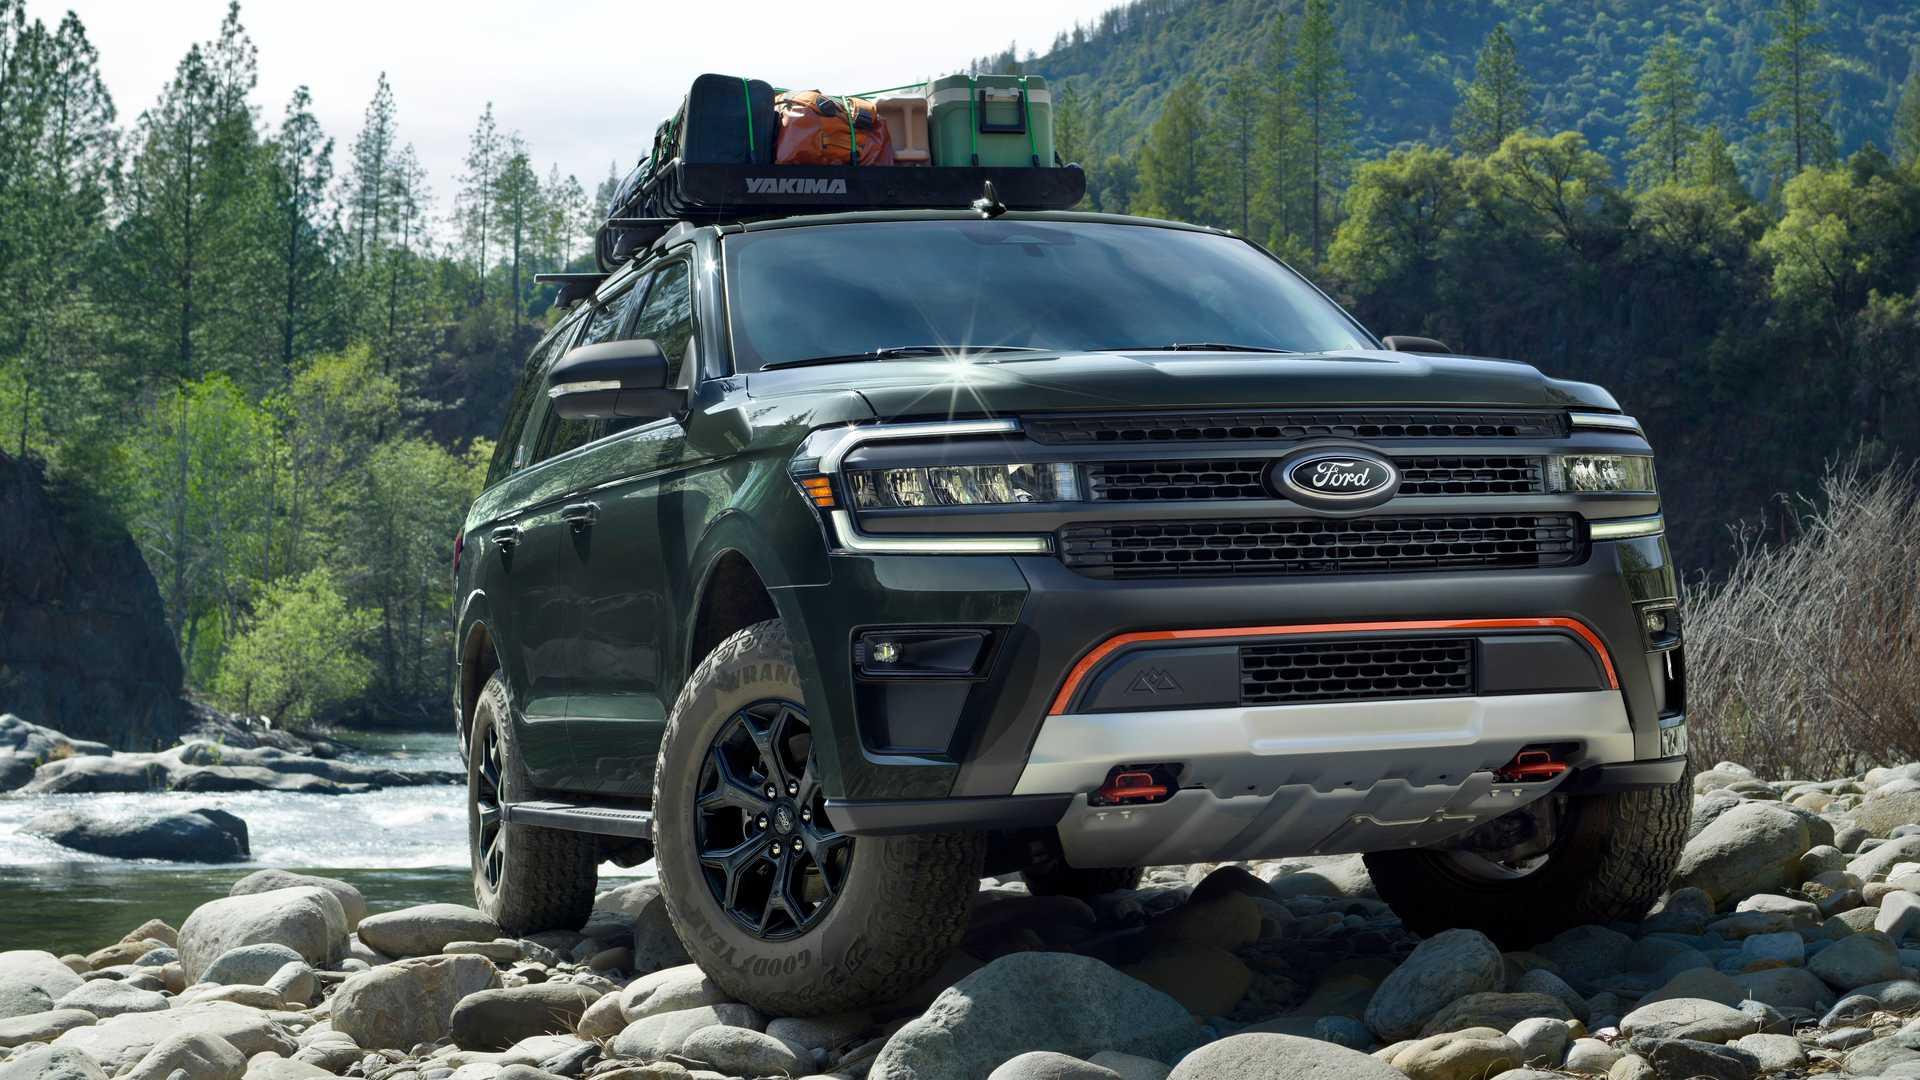 Представлен Ford Expedition 2022 с отделкой Timberline и пакетом производительности Stealth Edition